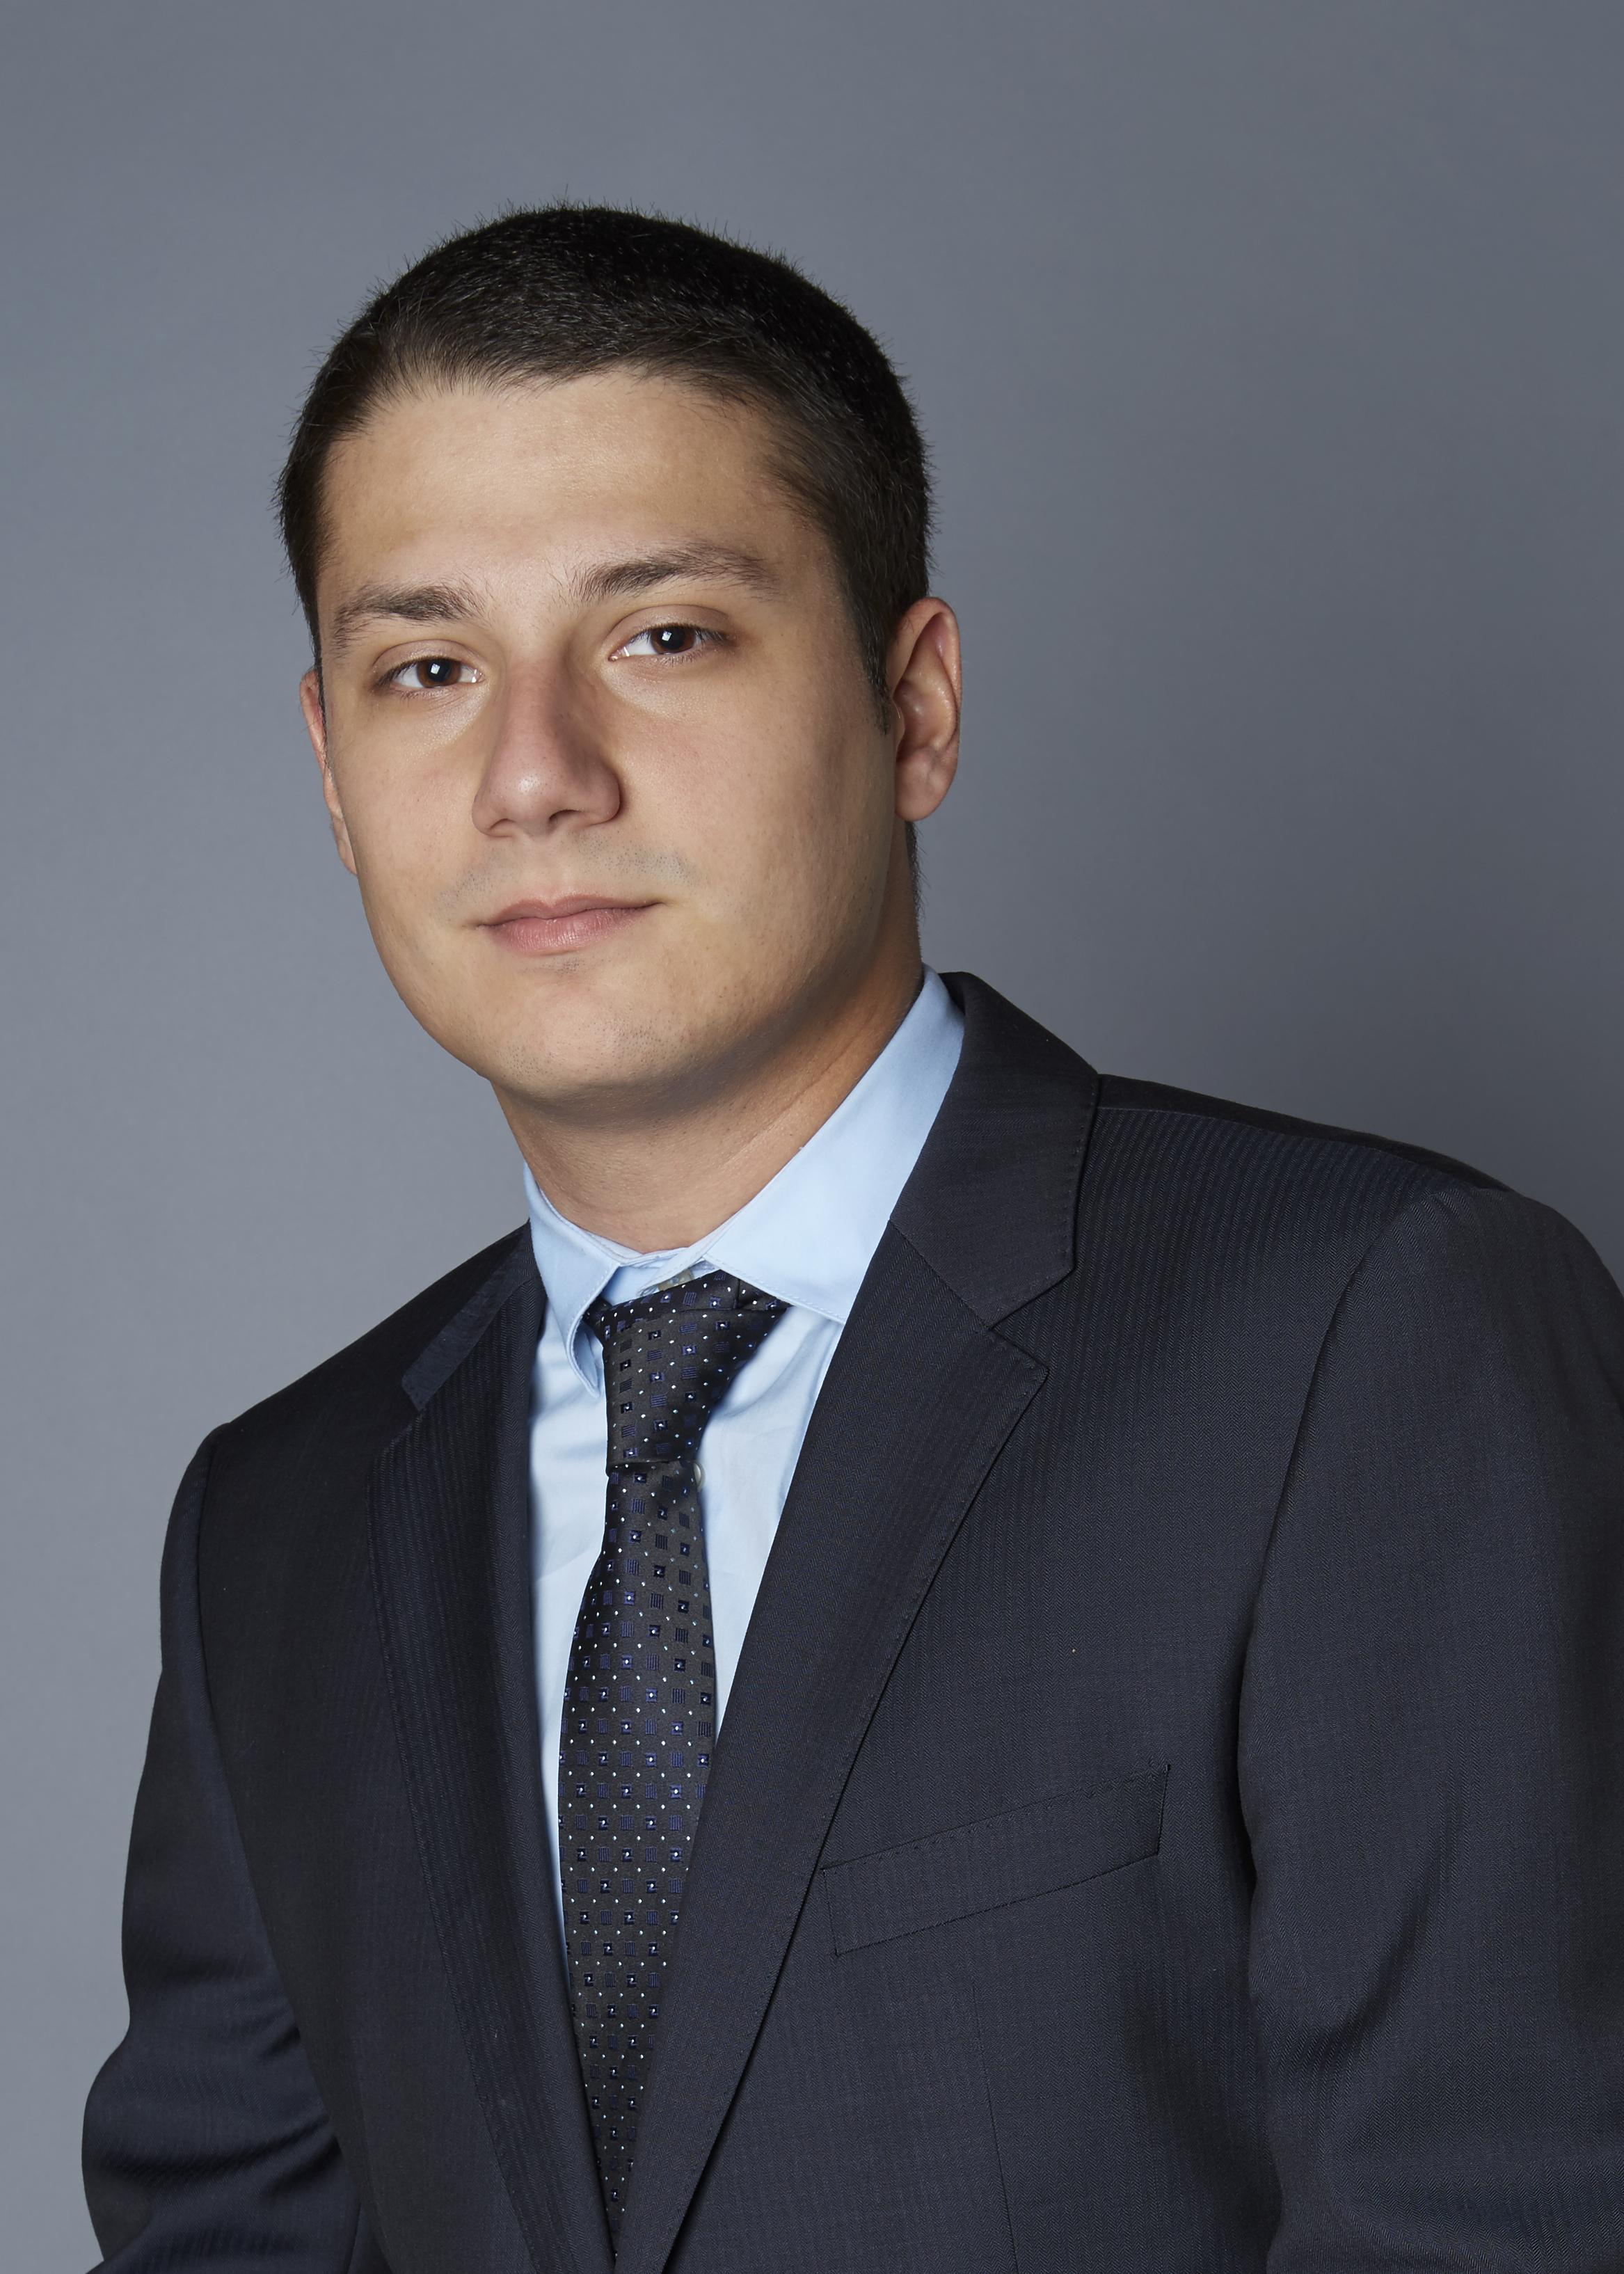 Headshot of Yevgeniy Krel